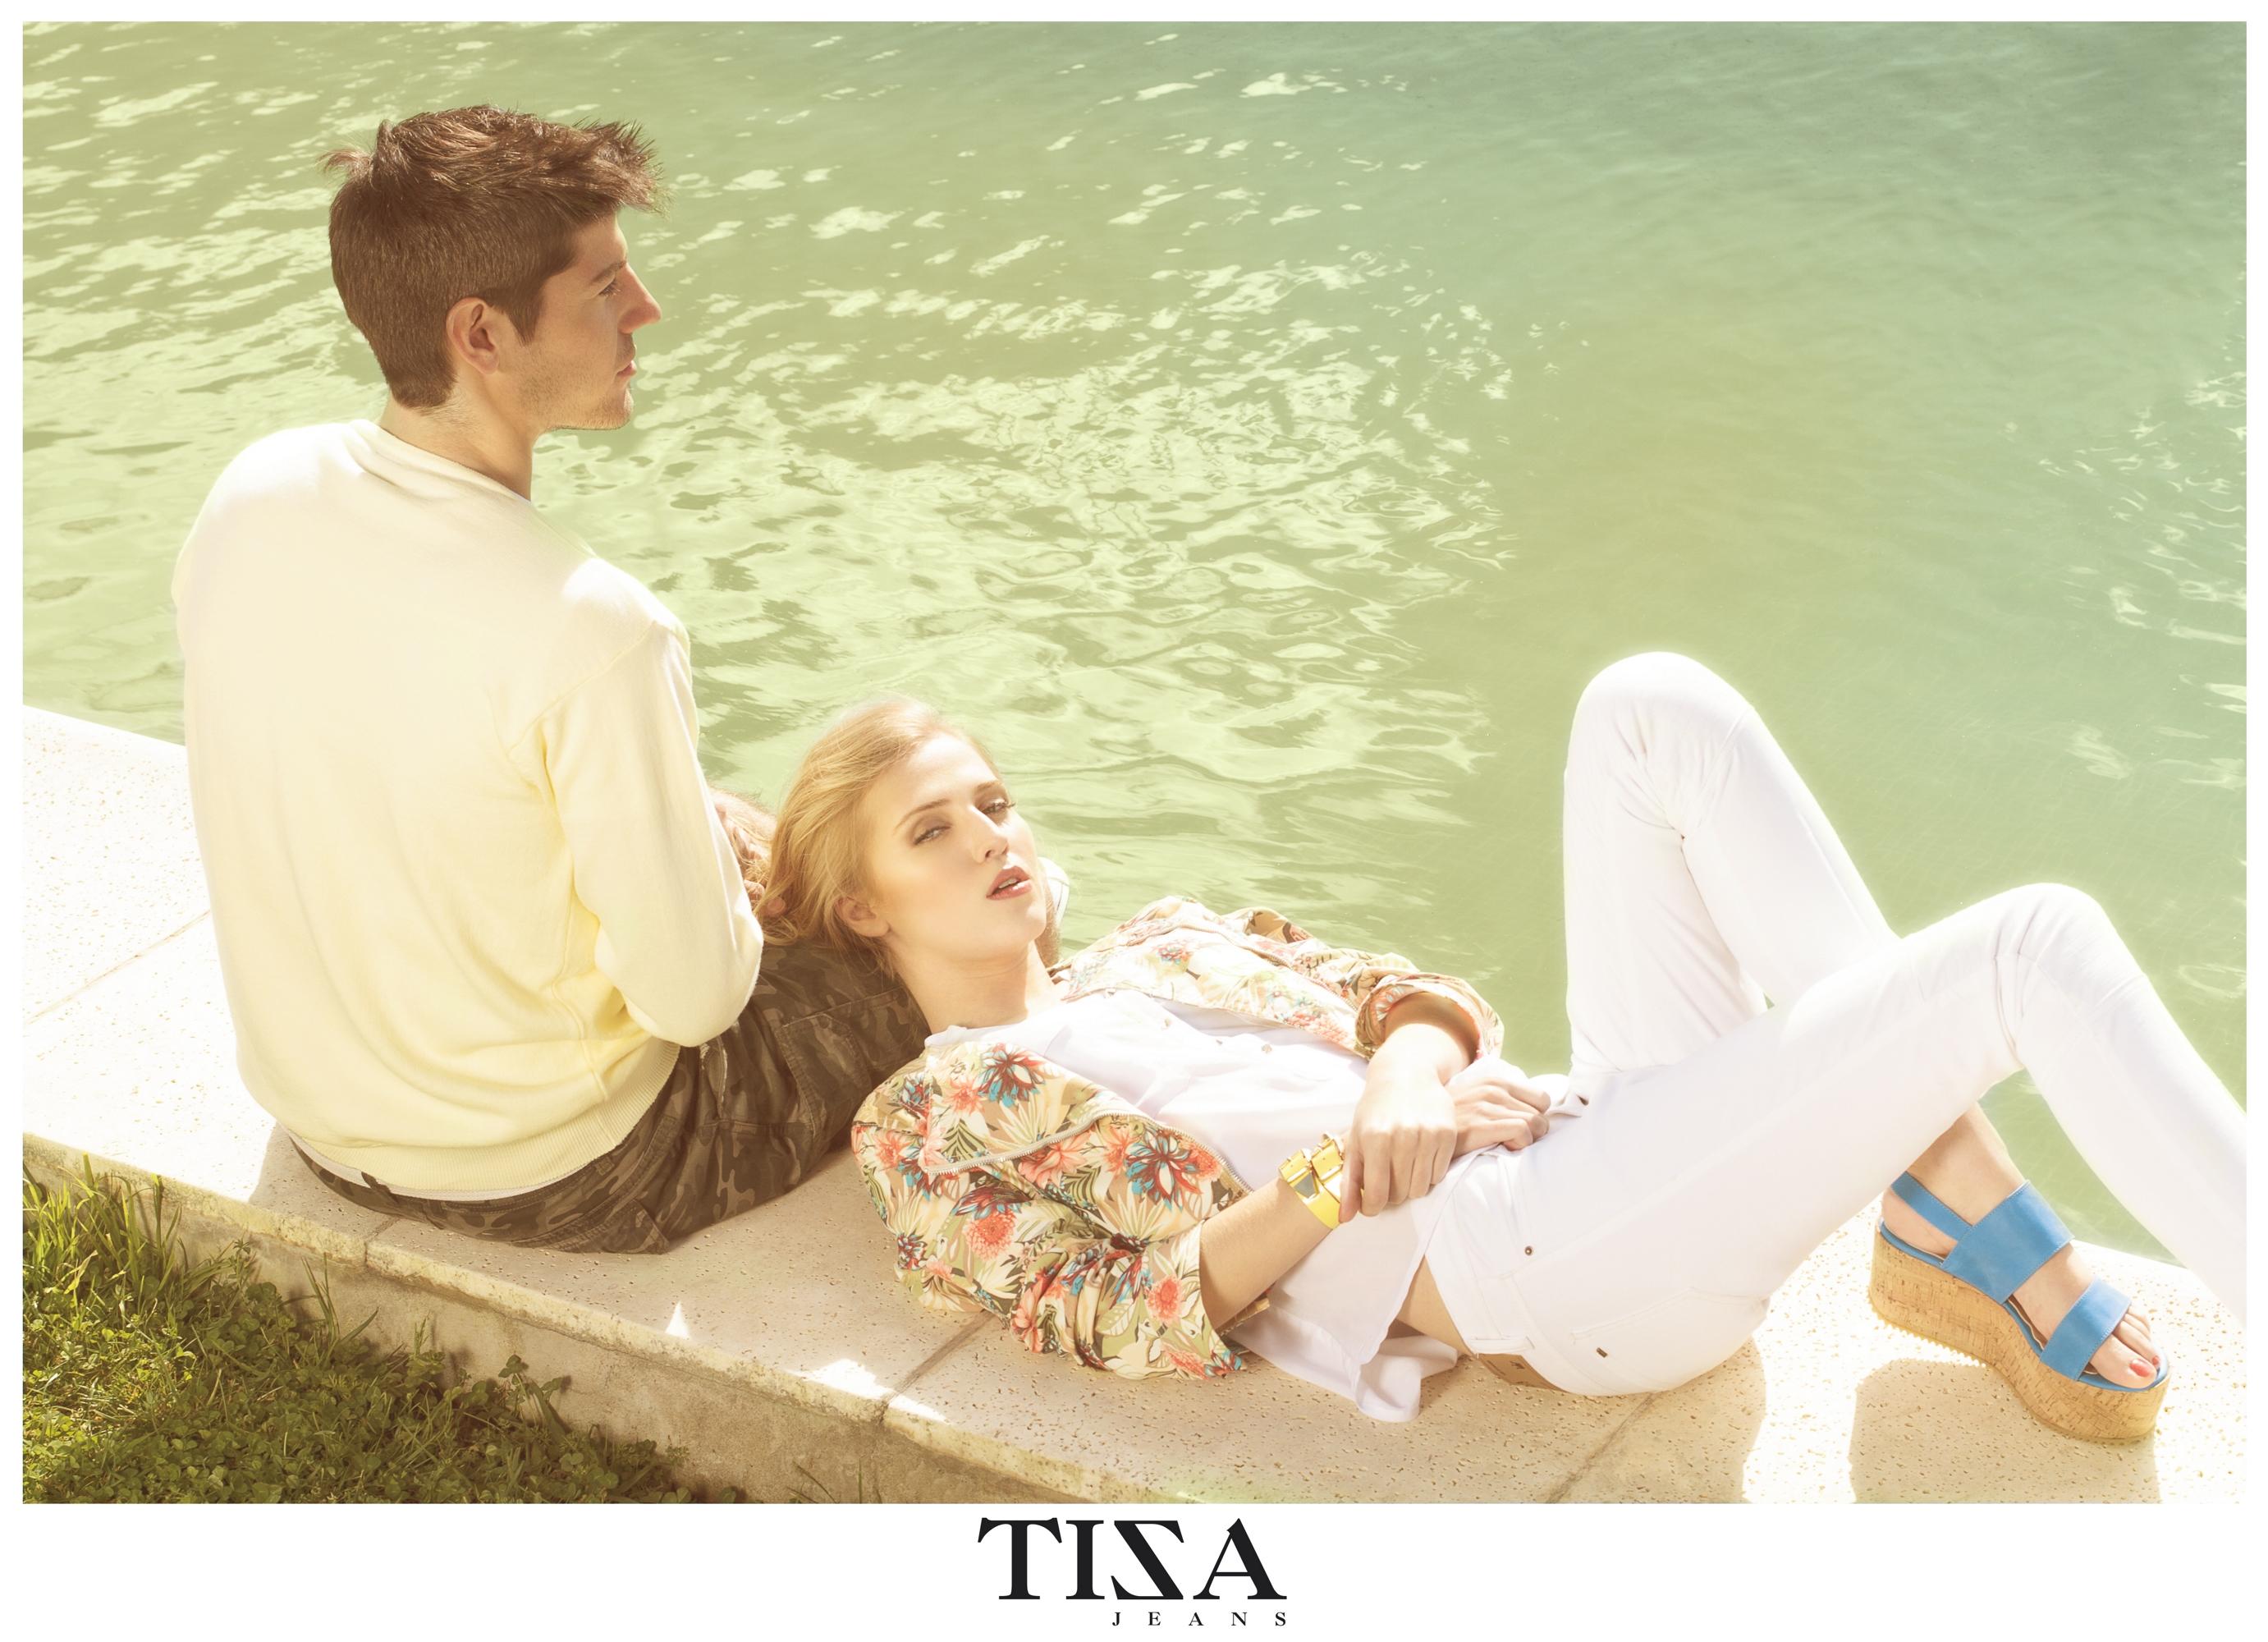 Tiza Campaign PV 14